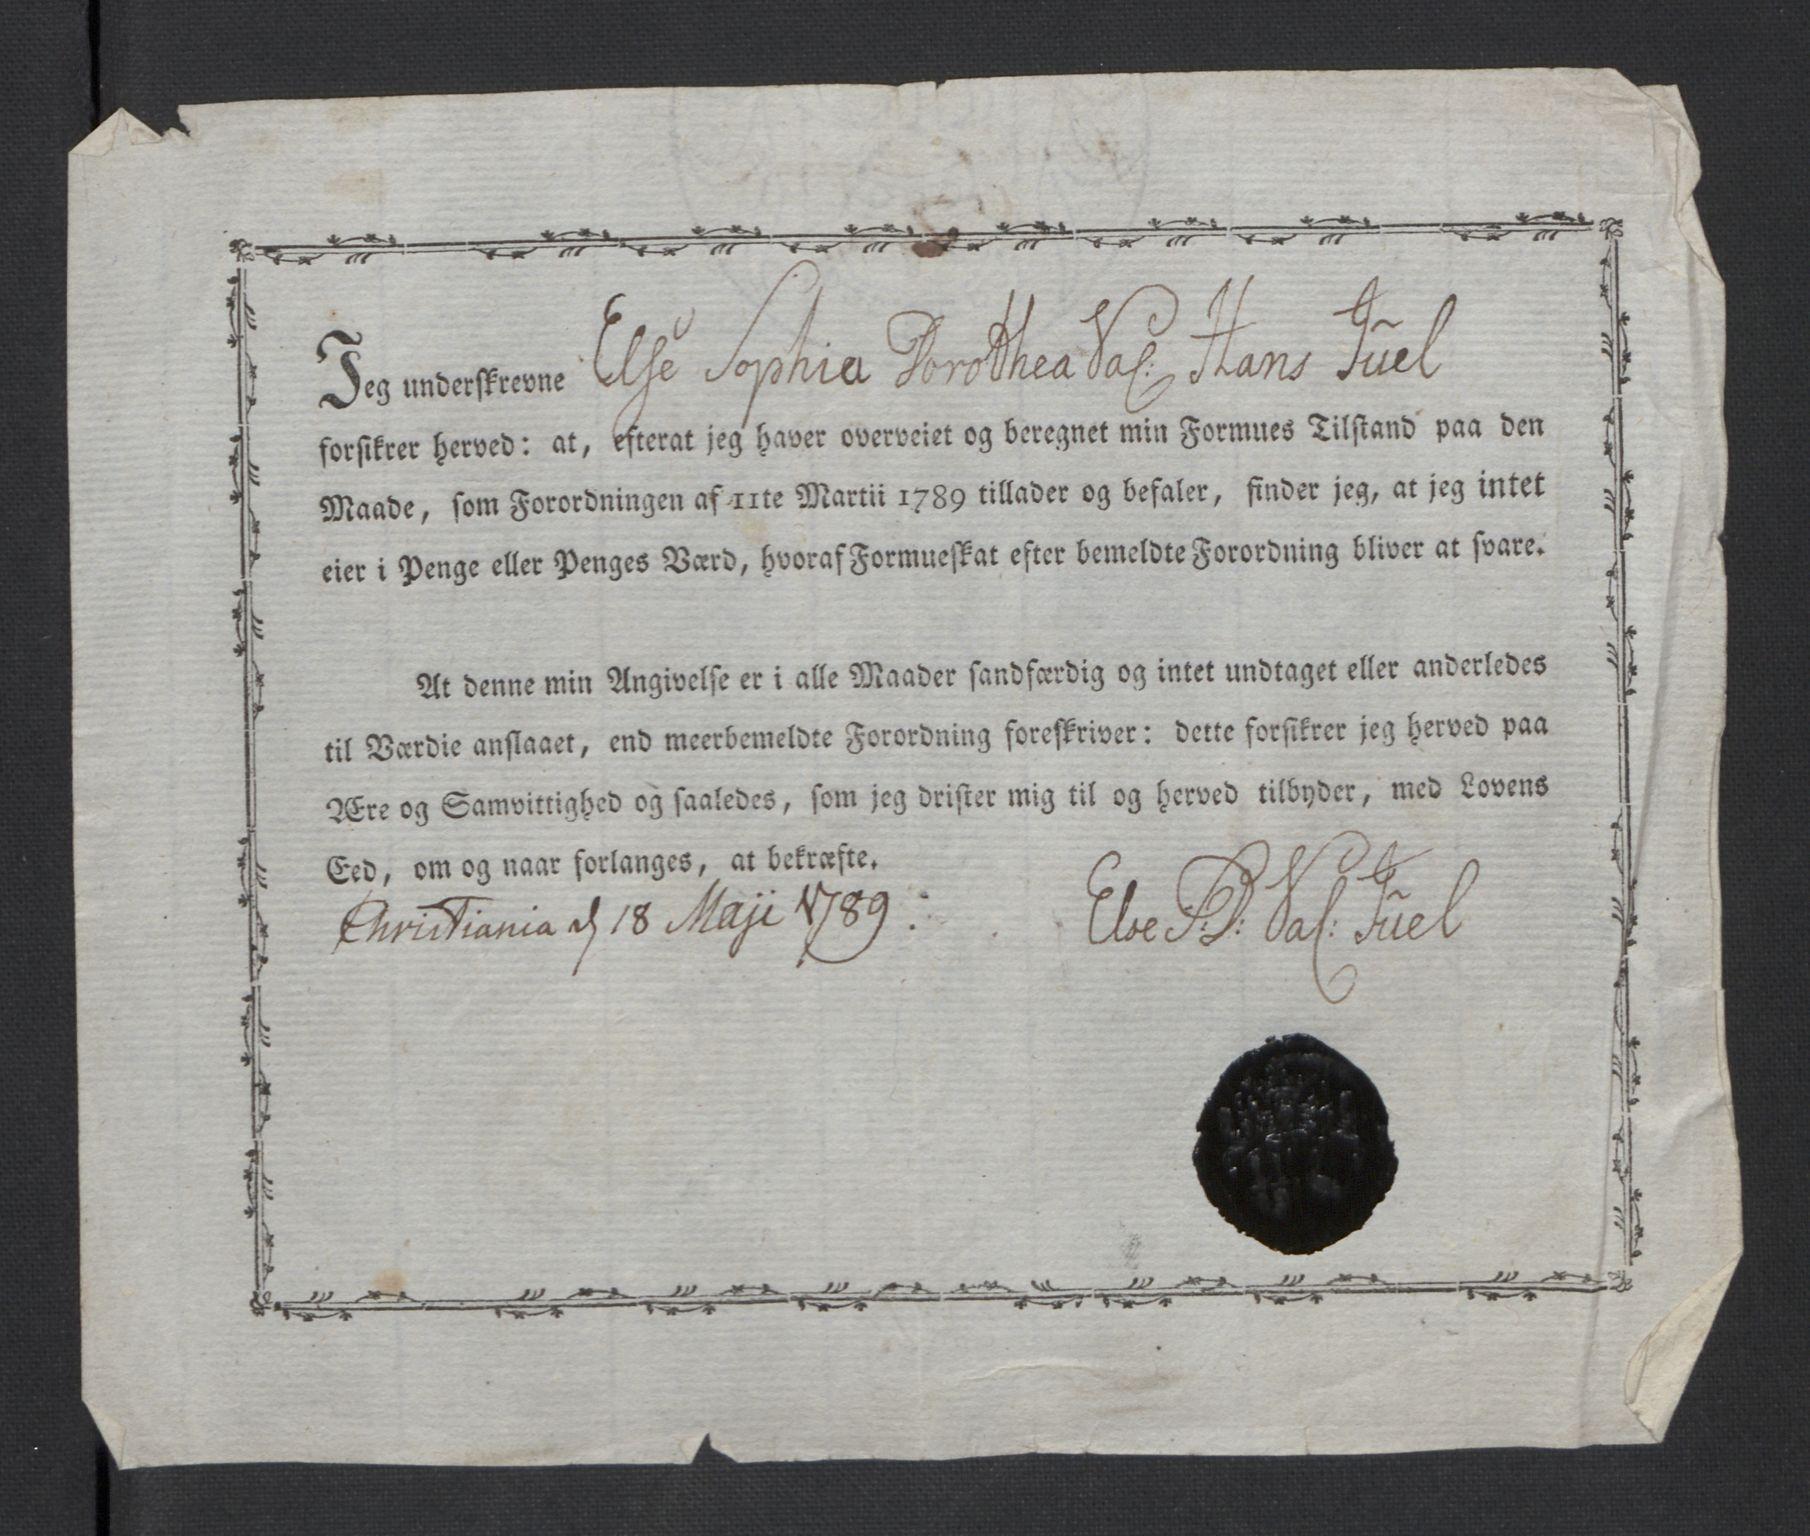 RA, Rentekammeret inntil 1814, Reviderte regnskaper, Mindre regnskaper, Rf/Rfe/L0006: Christiania, 1789, s. 135